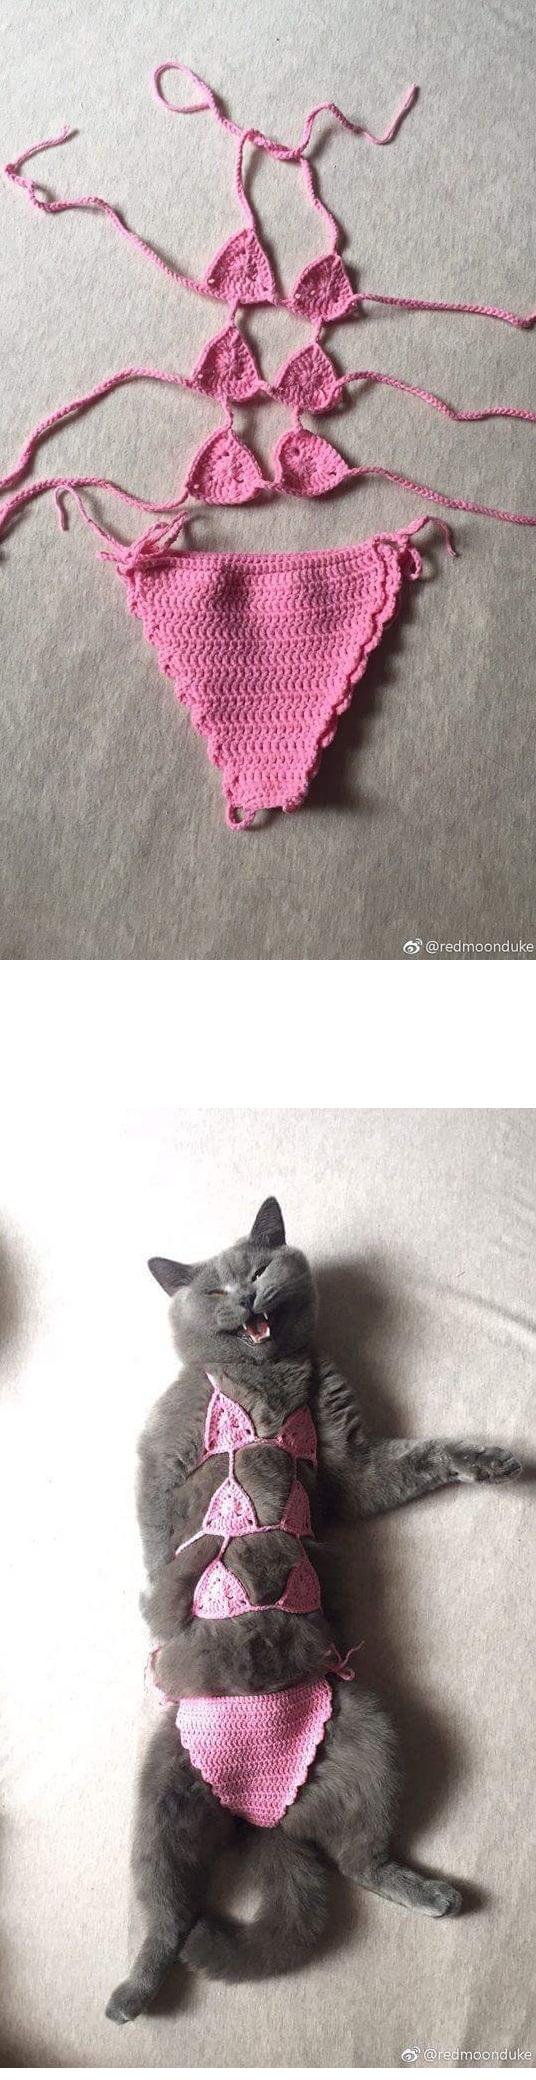 고양이 소녀 비키니.jpg